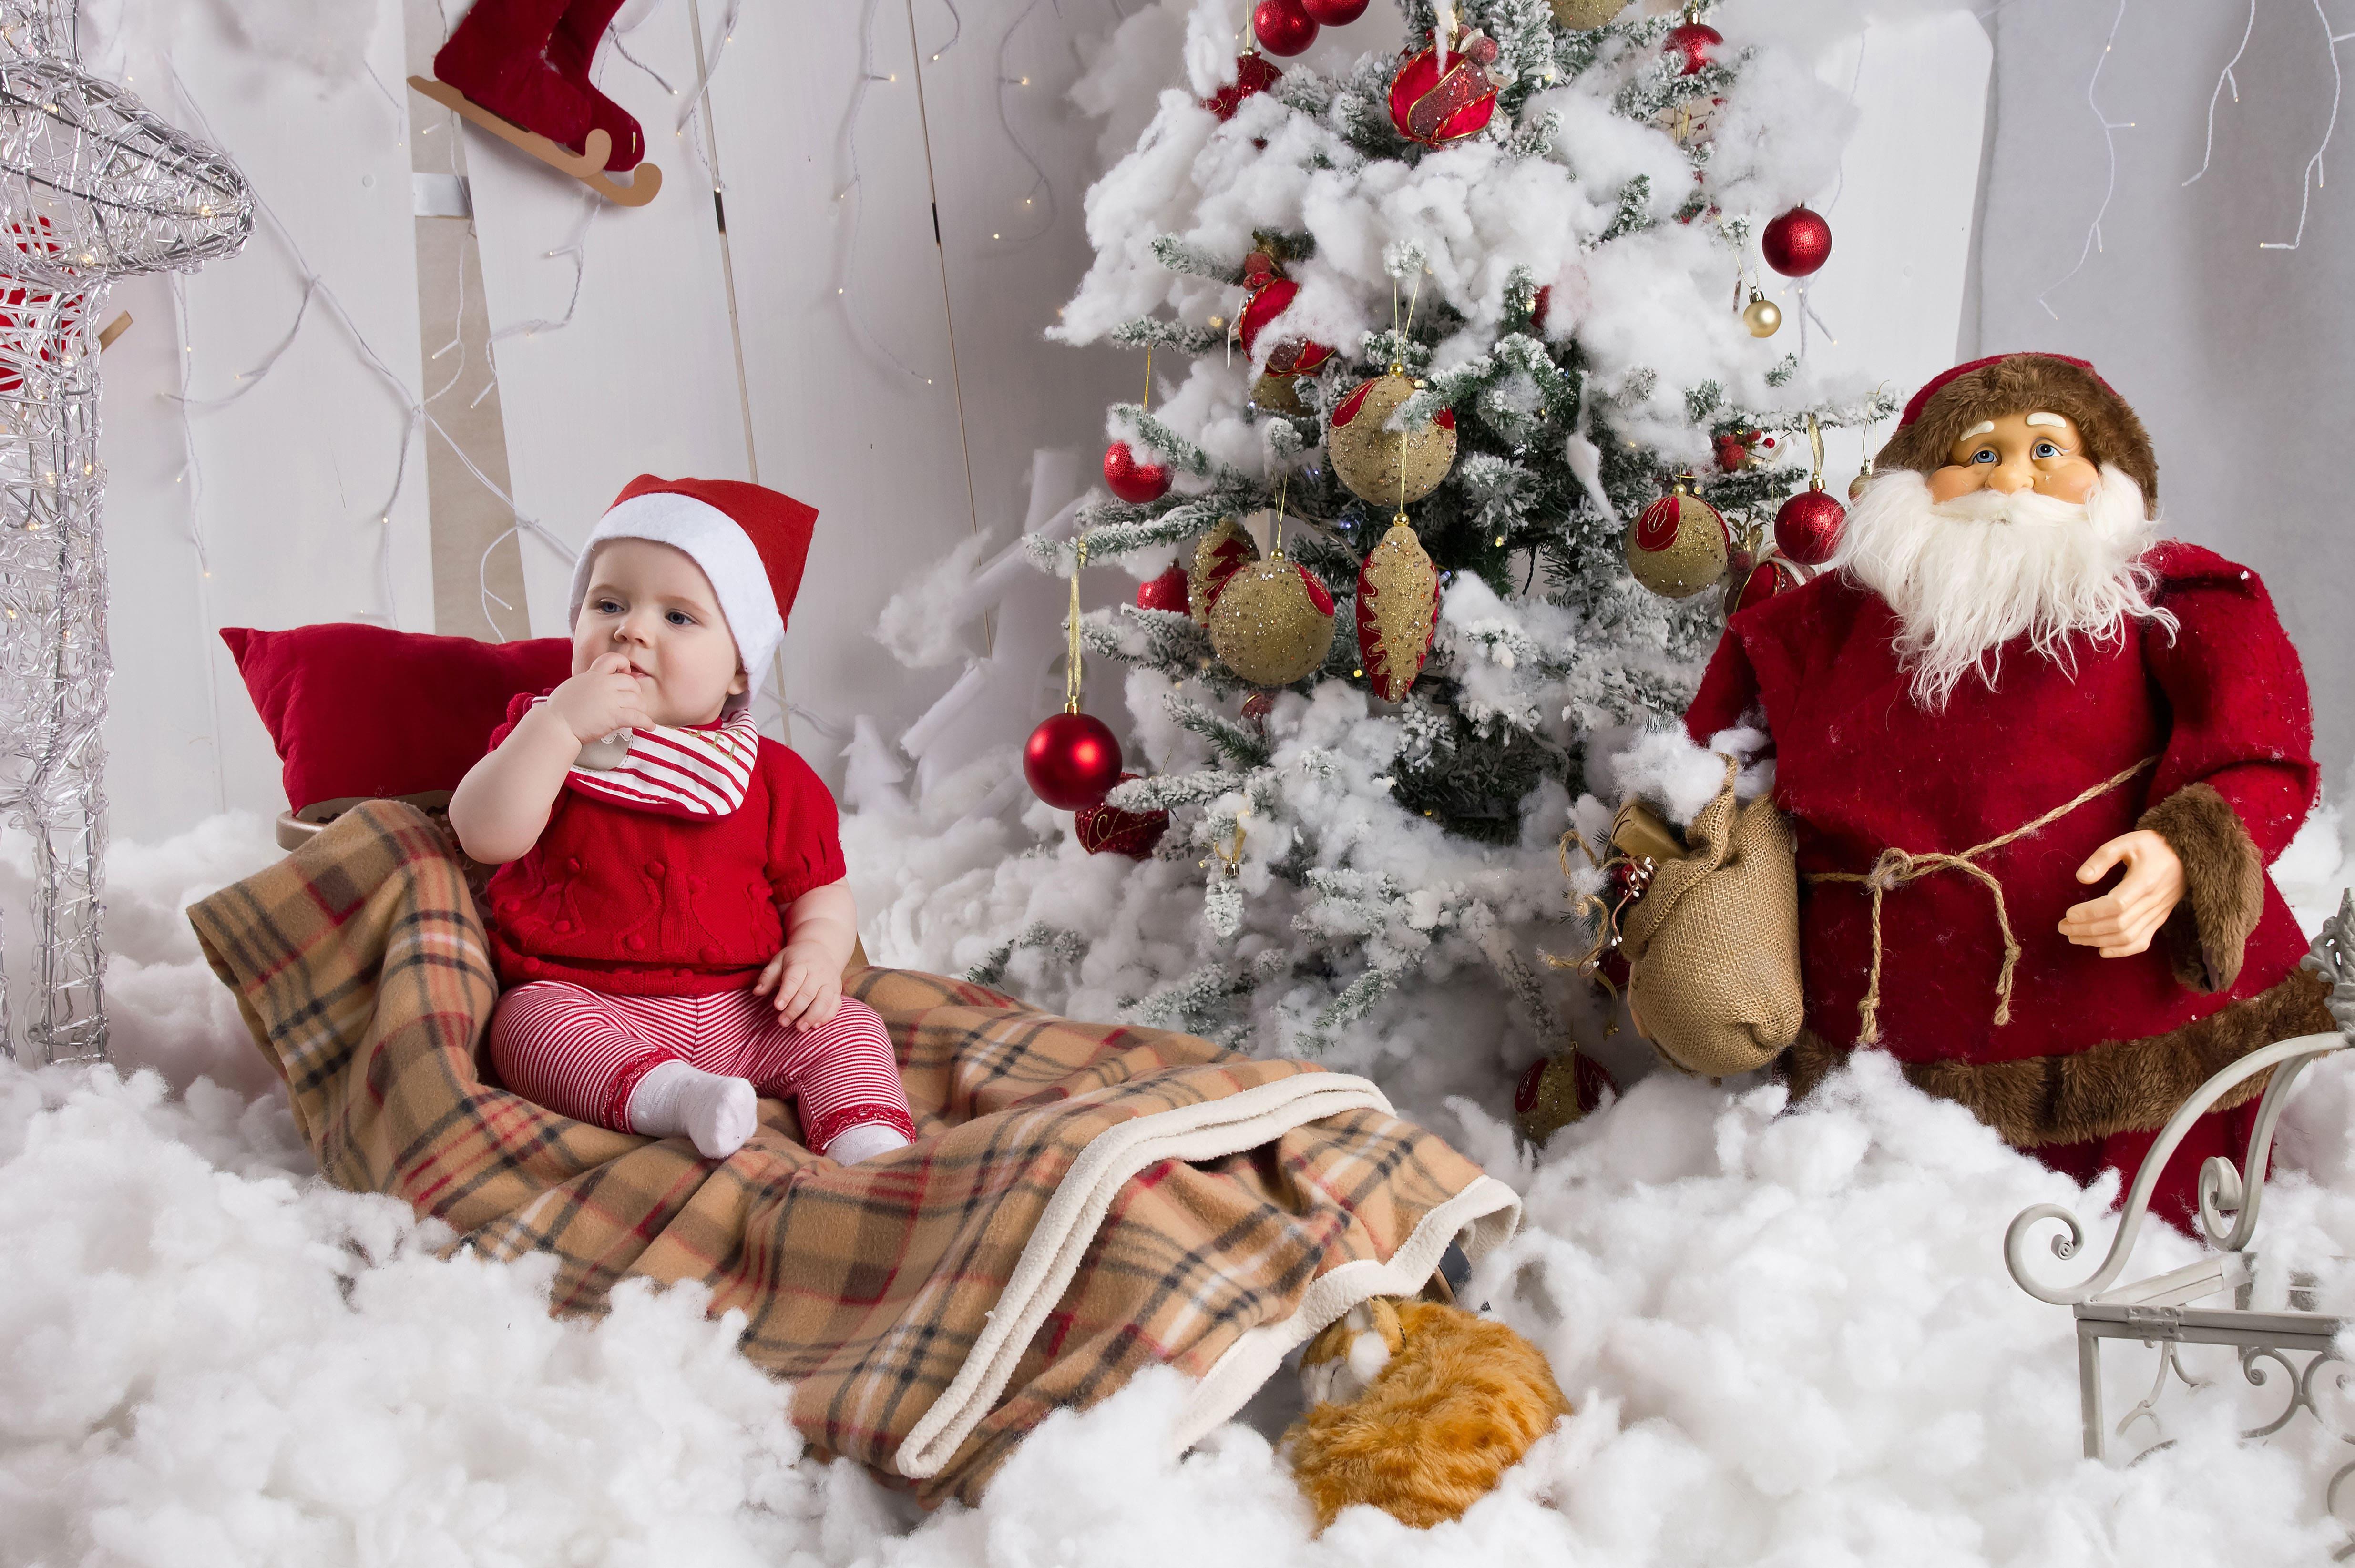 HDoboi.Kiev.ua - Игрушечный Дед мороз у елки, новогодние обои андроид